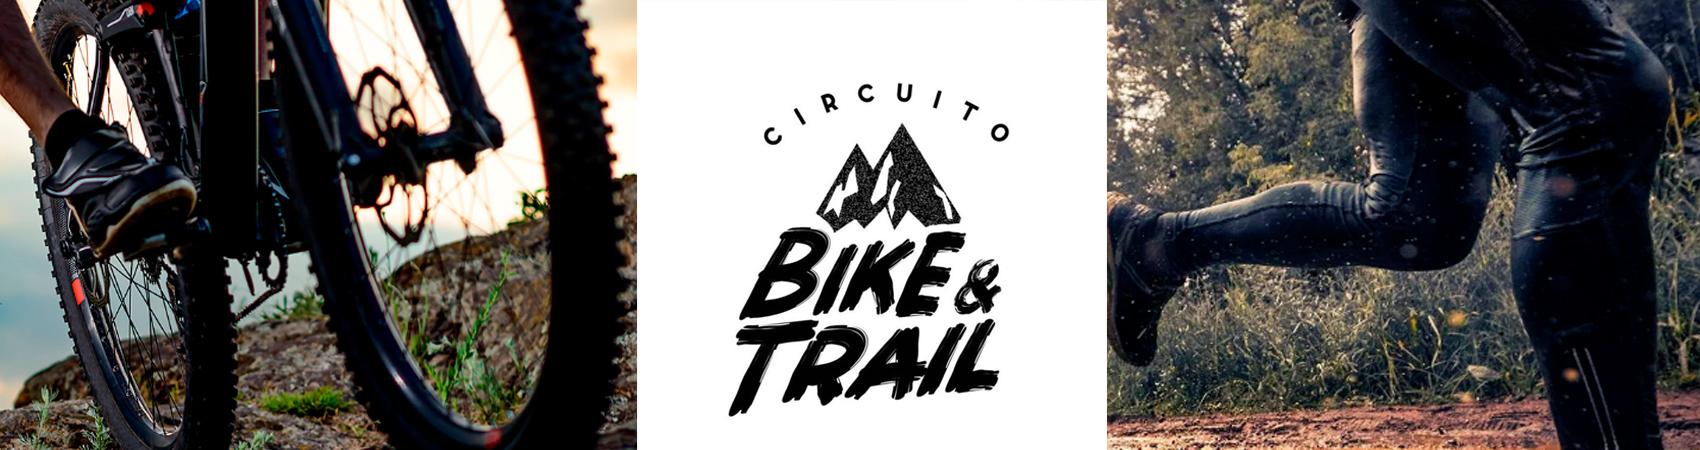 CIRCUITO BIKE E TRAIL - ETAPA BREWHOOD